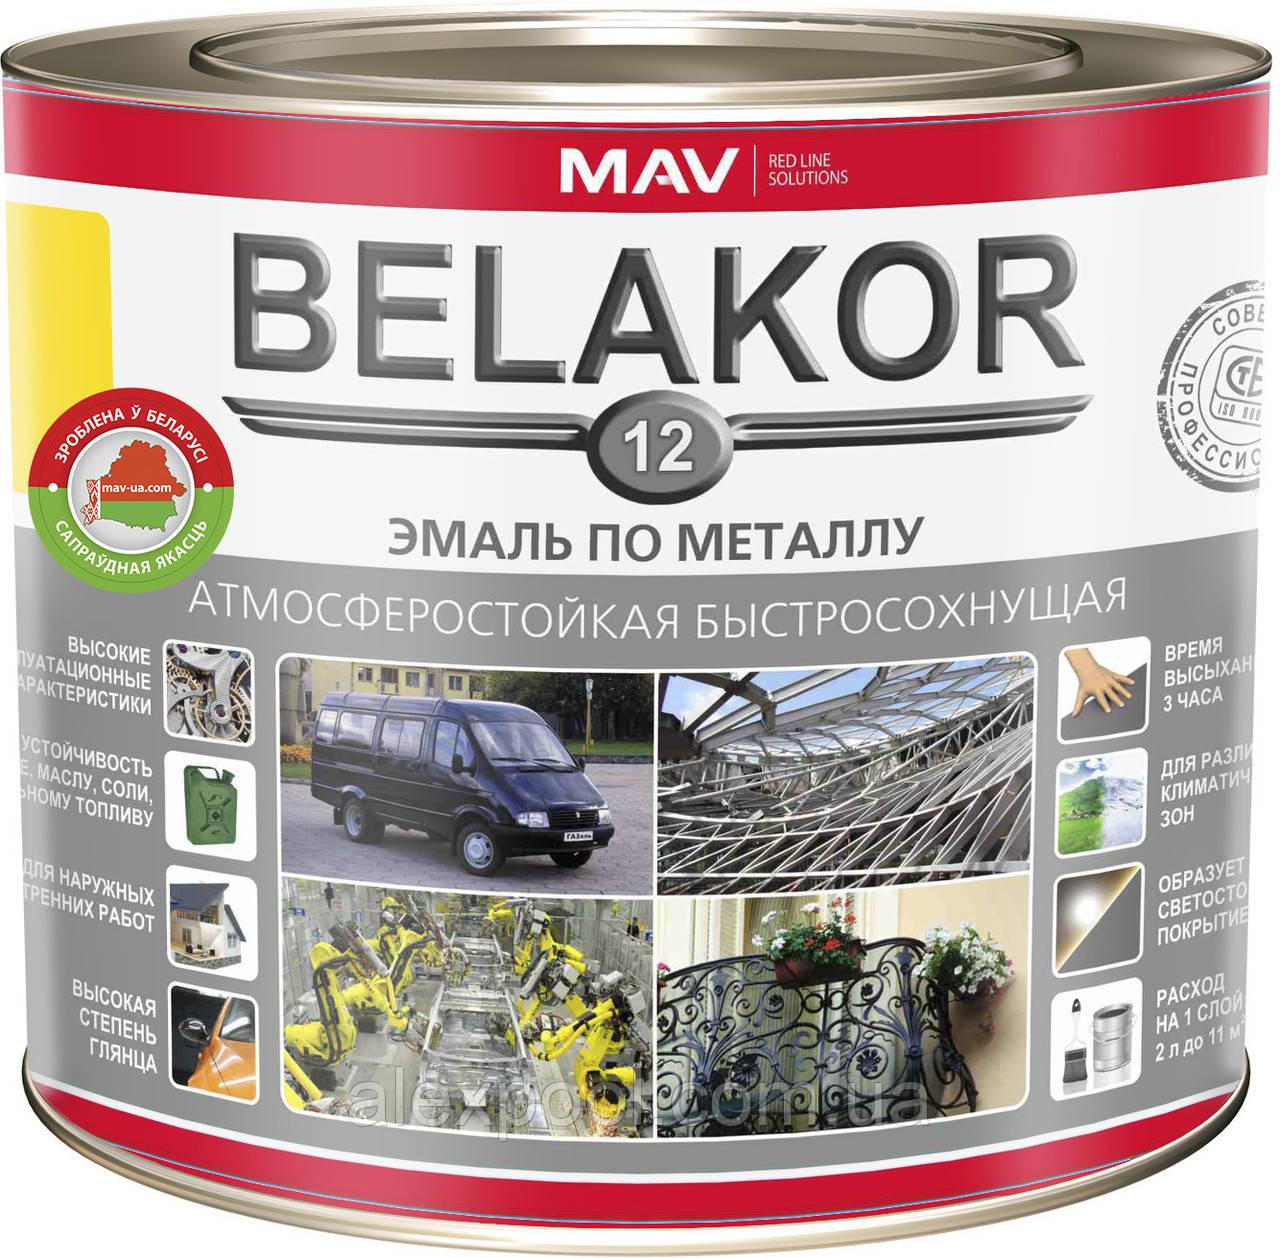 Эмаль MAV BELAKOR 12 по металлу атмосферостойкая быстросохнущая Красная RAL 3000 2,4 литра